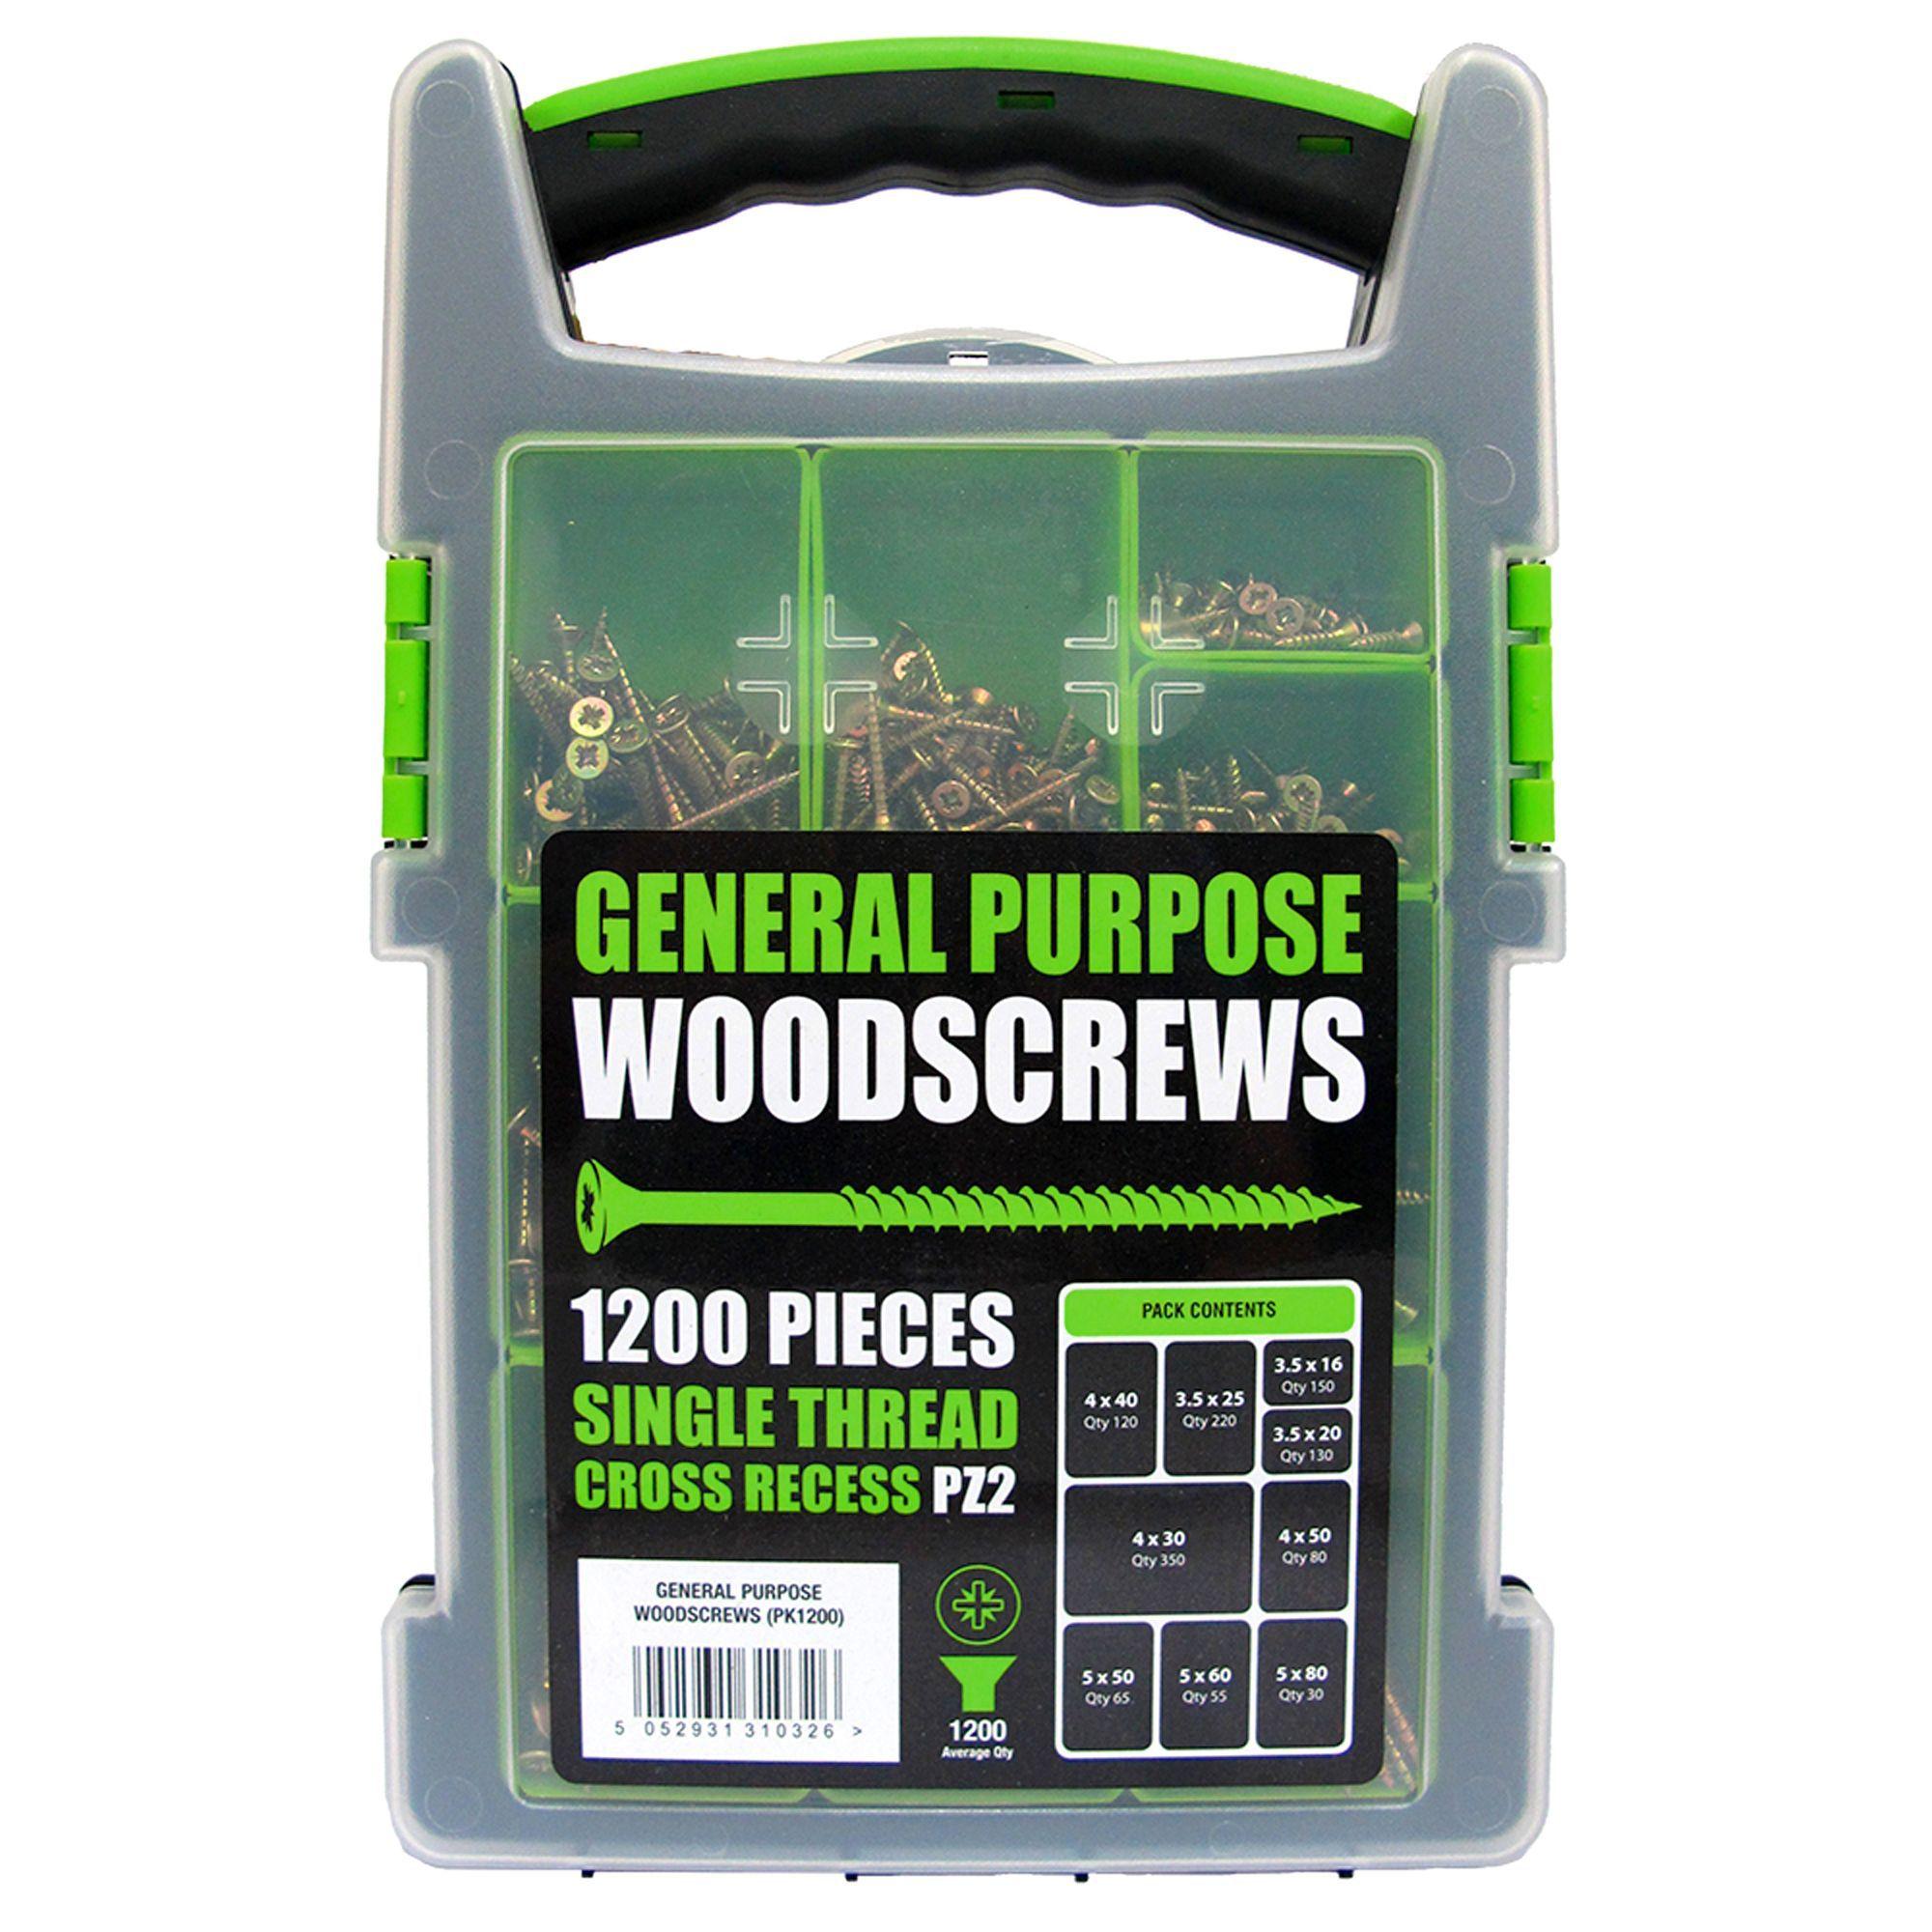 B&q Yellow Zinc-plated Zinc Woodscrew Grab Pack, Pack Of 1200